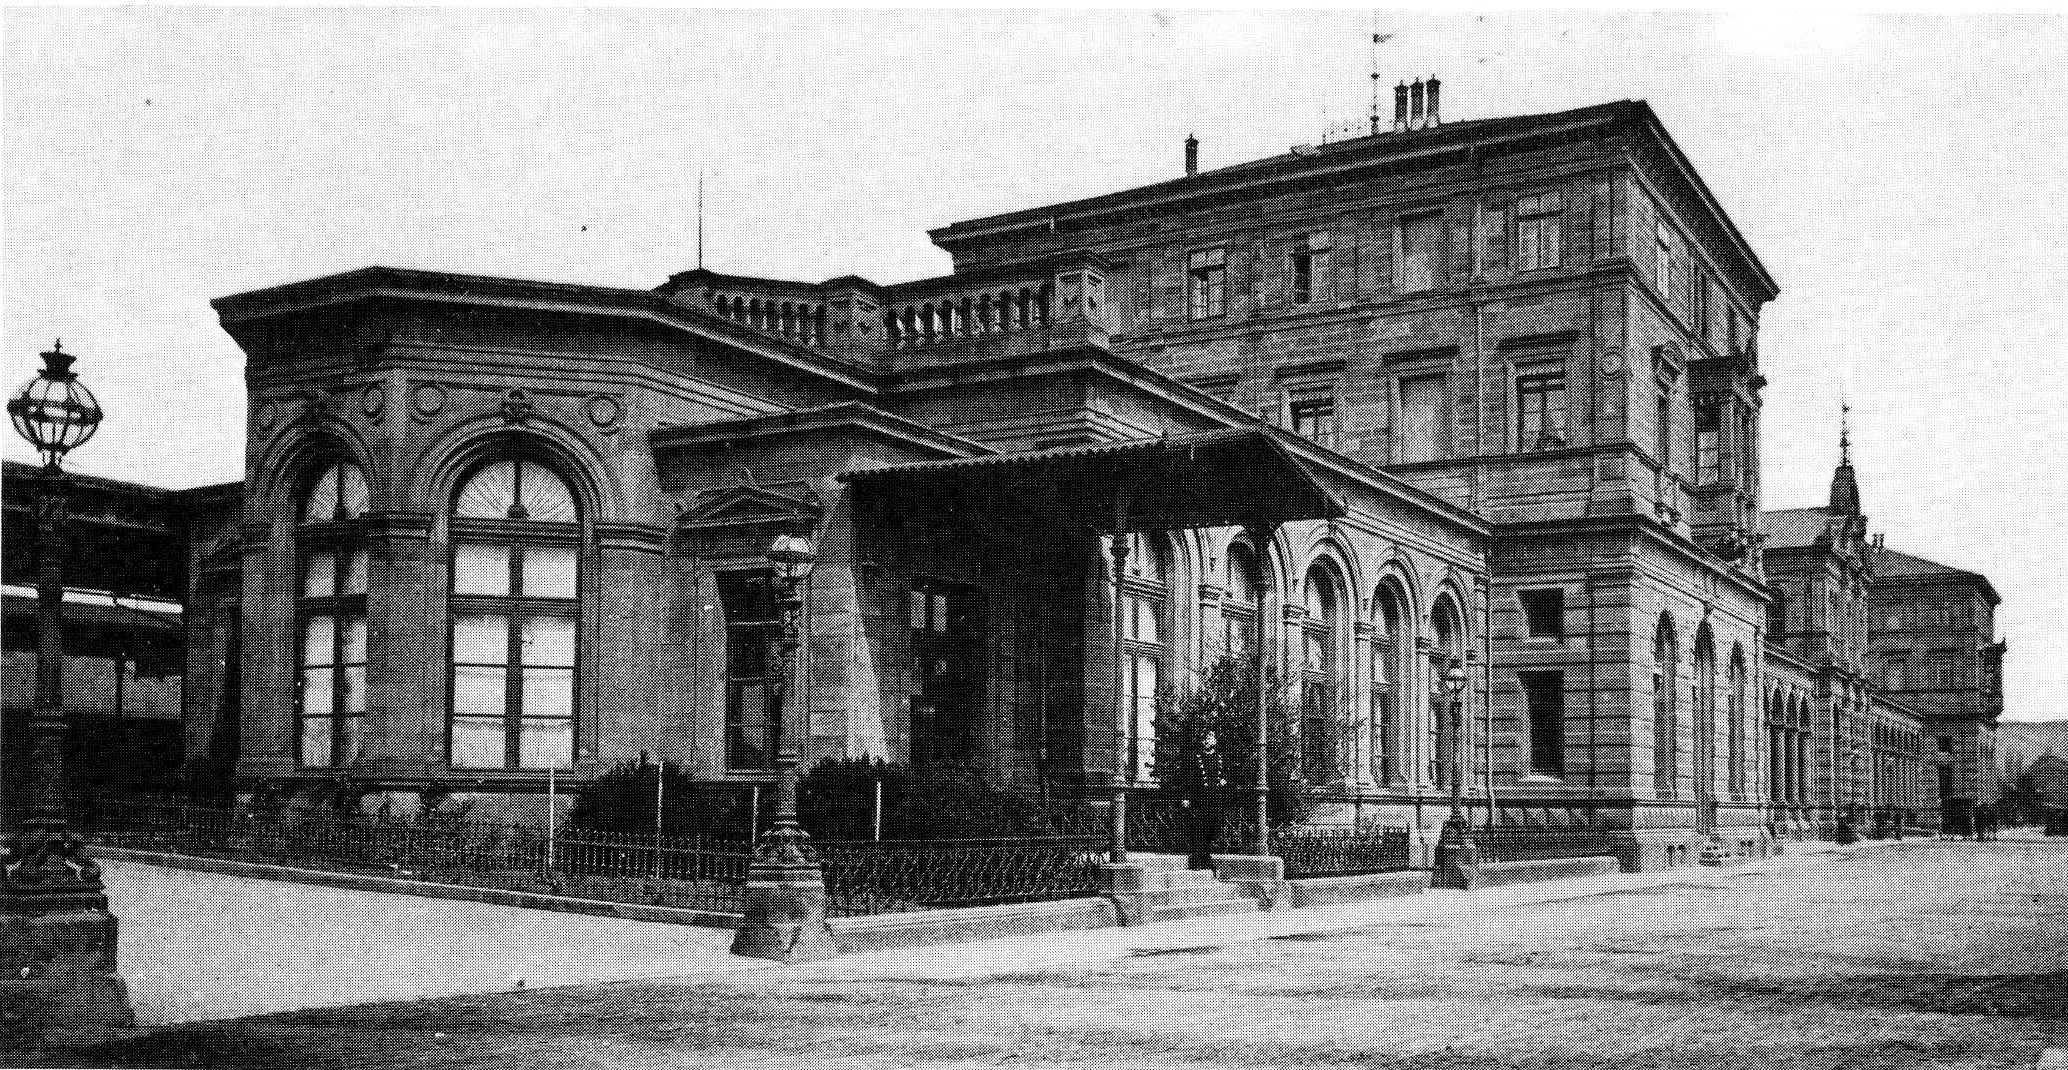 Architekten Heilbronn file heilbronn hauptbahnhofsgebäude architekten conrad schurr und